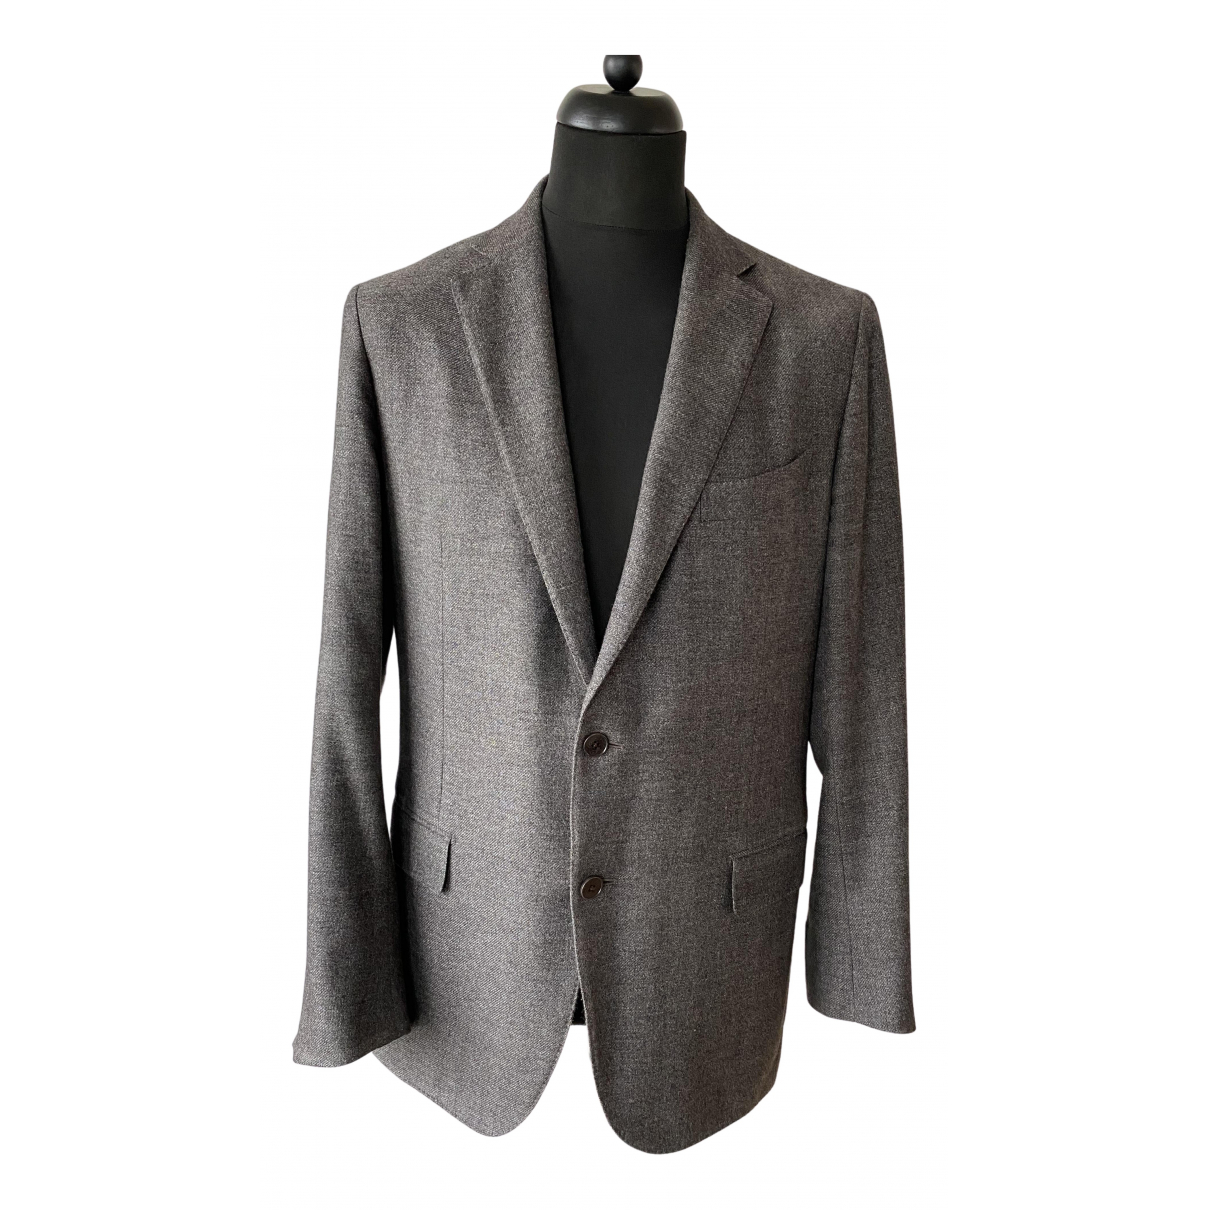 Ermenegildo Zegna \N Jacke in  Grau Wolle